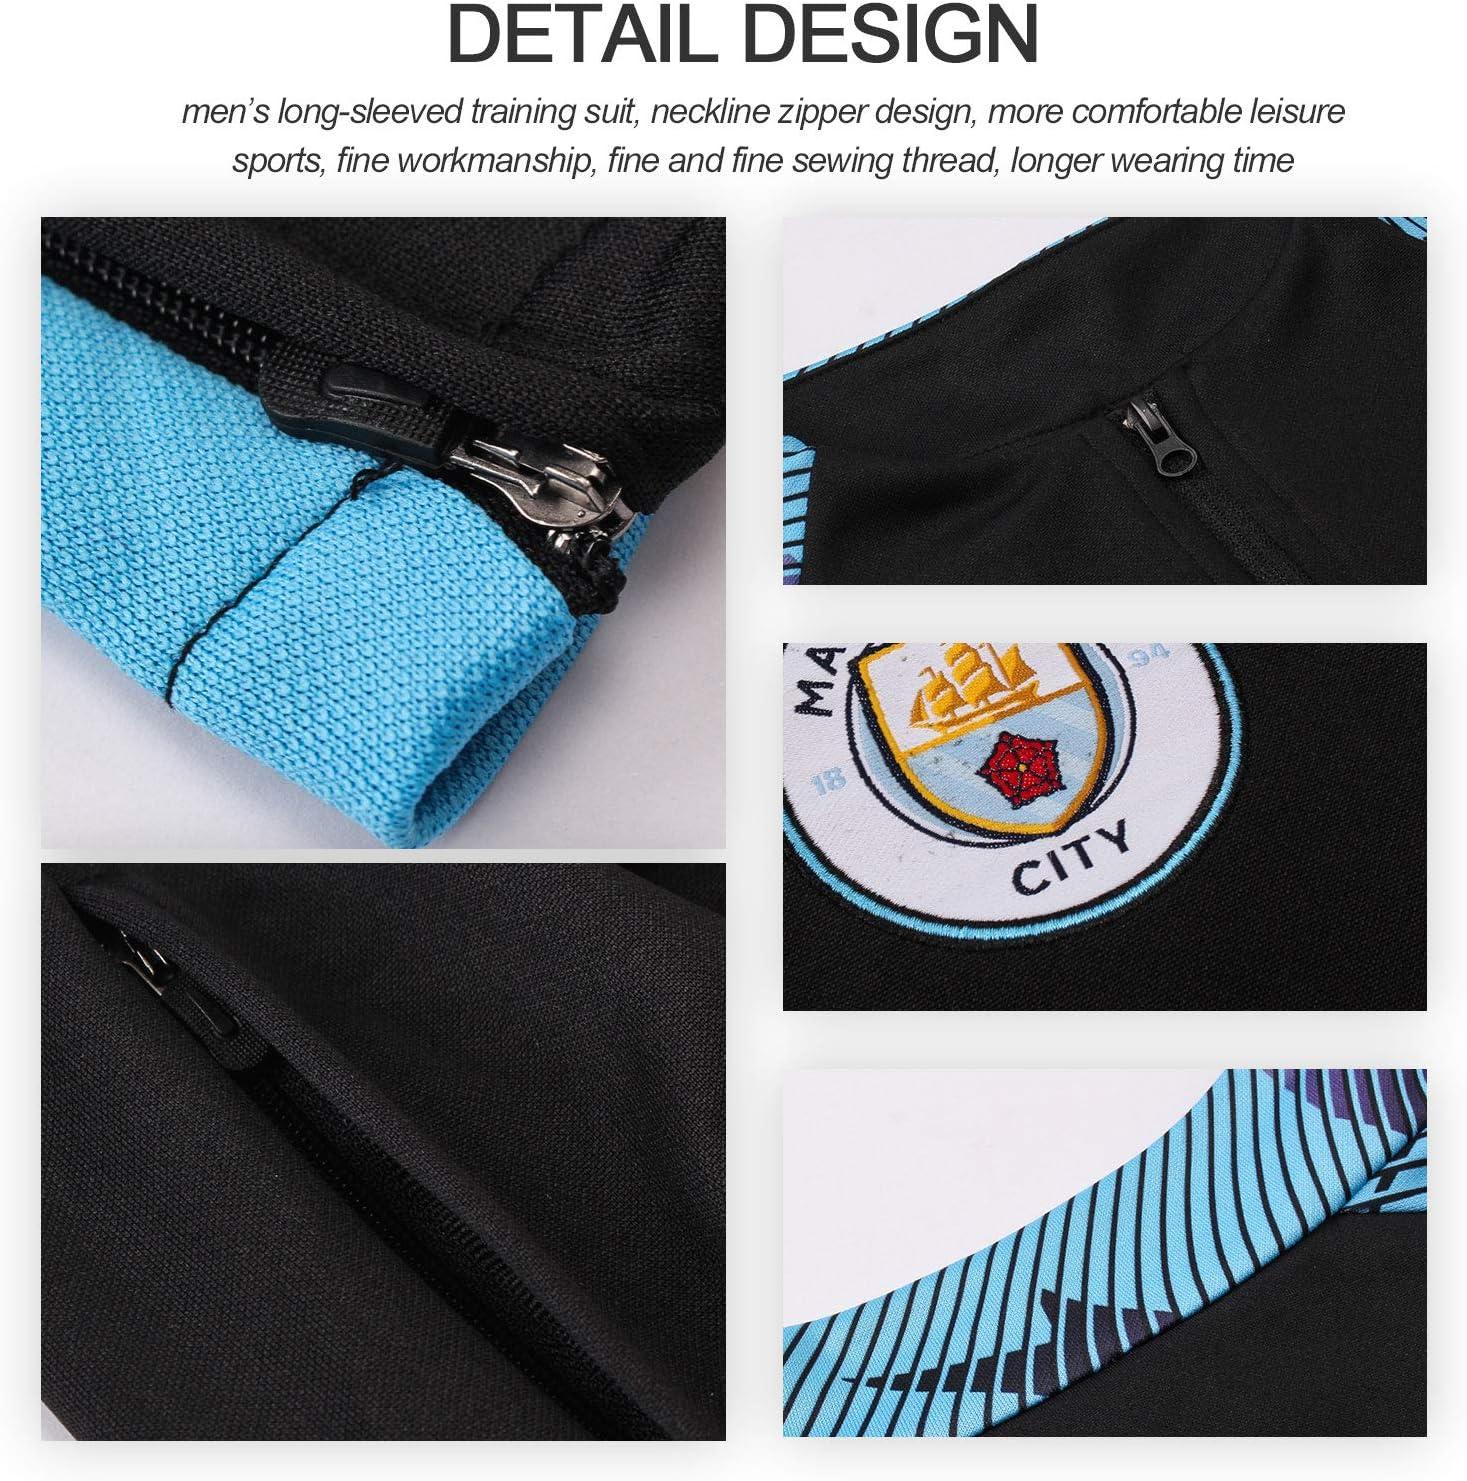 Pantalon Set 2 pi/èces NSRJ 19-20 Manchester City Football Costume de Formation pour Hommes//gar/çons-Noir Demi-Zip Pull Surv/êtement /à Manches Longues